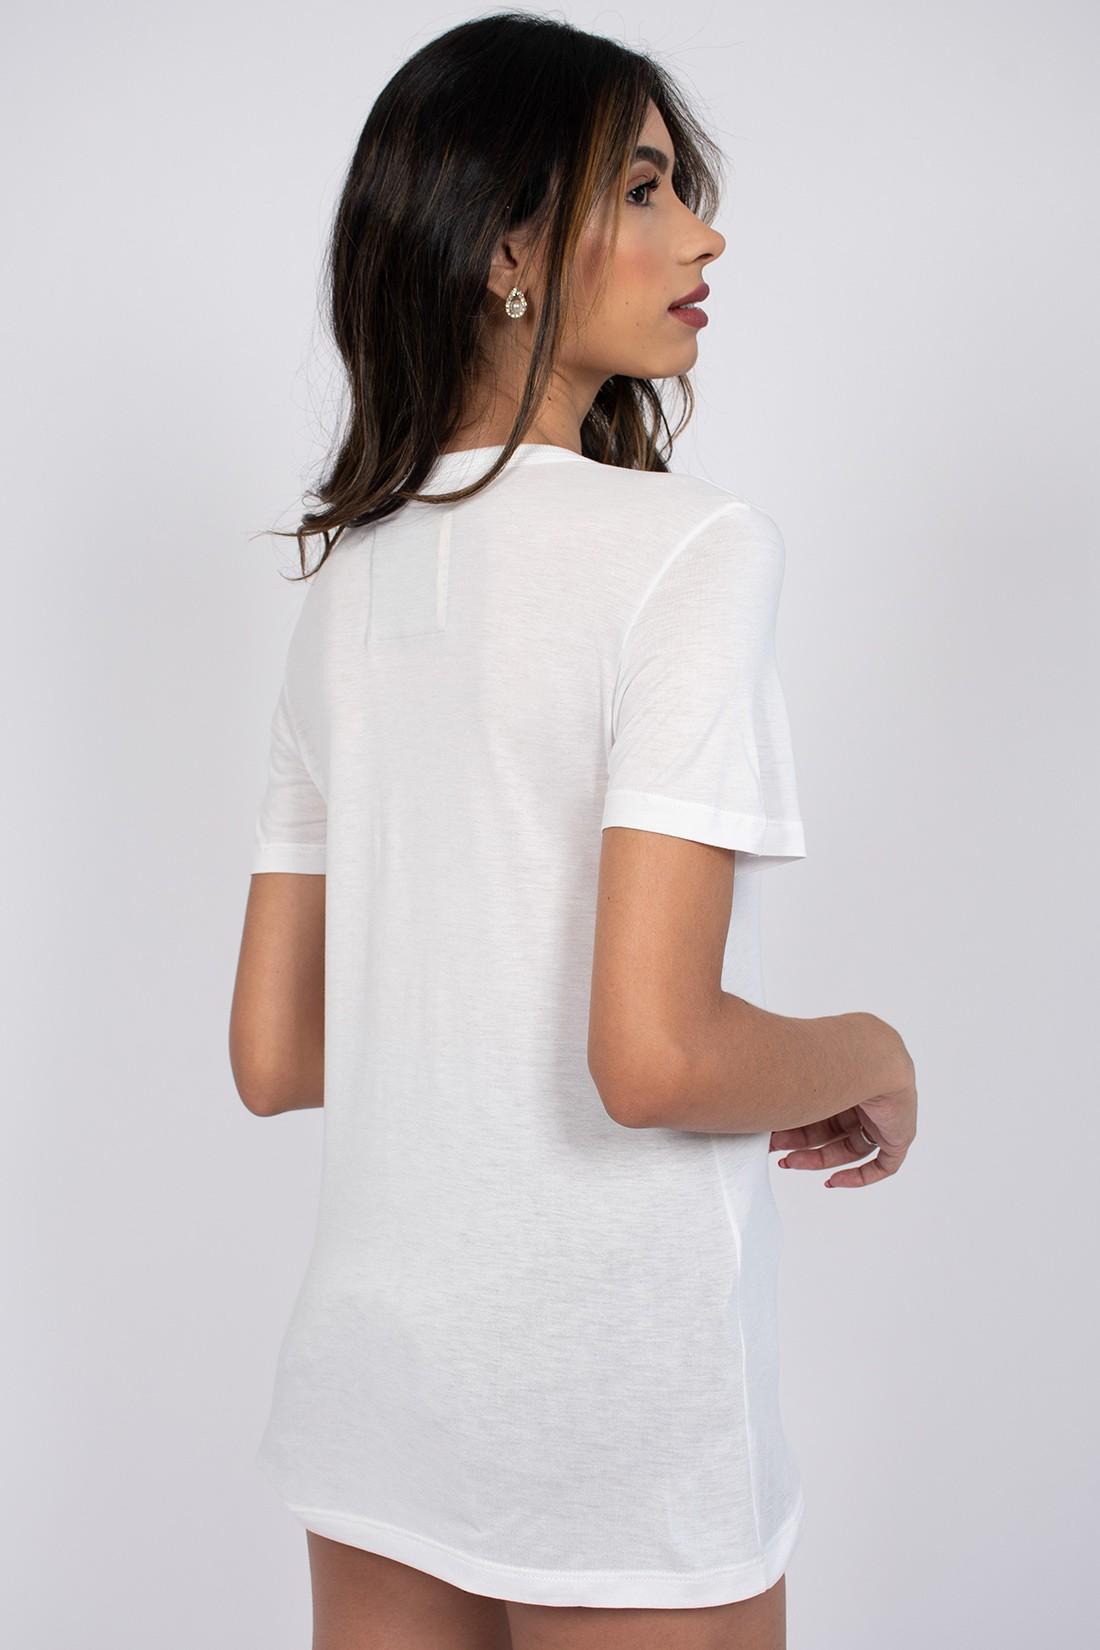 T Shirt Colcci Verao